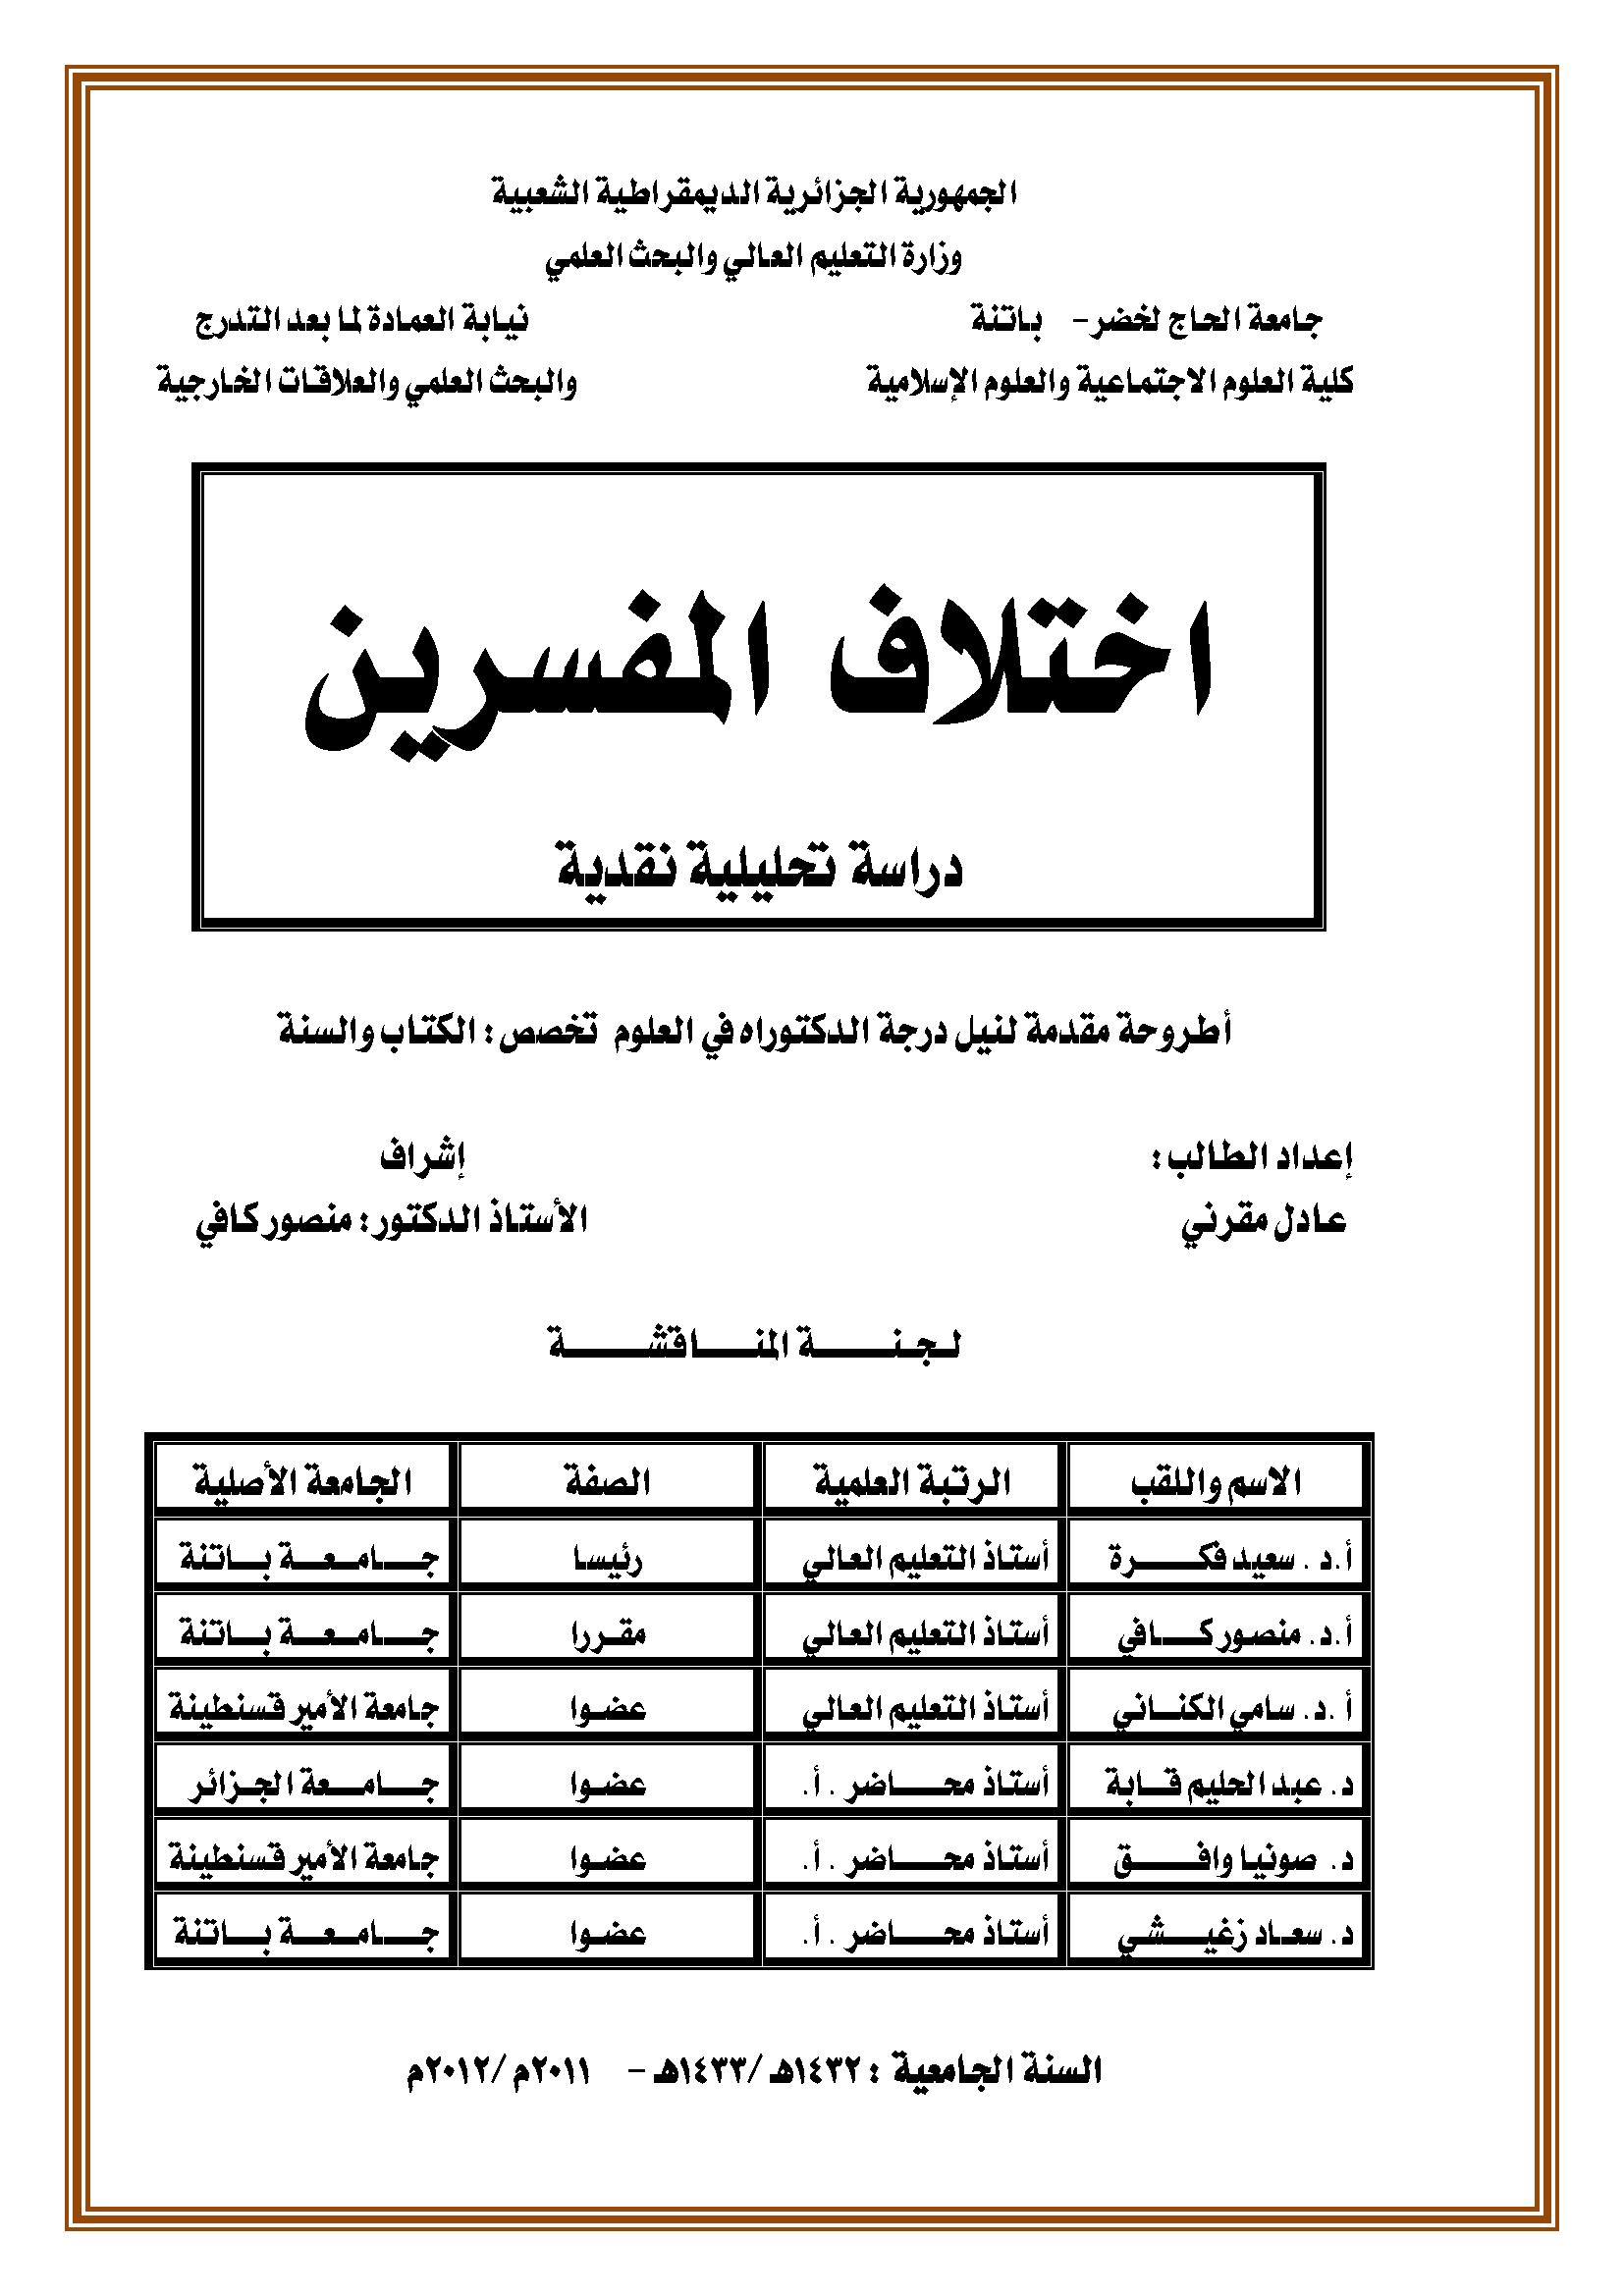 تحميل كتاب اختلاف المفسرين (دراسة تحليلية نقدية) لـِ: الدكتور عادل مقرني